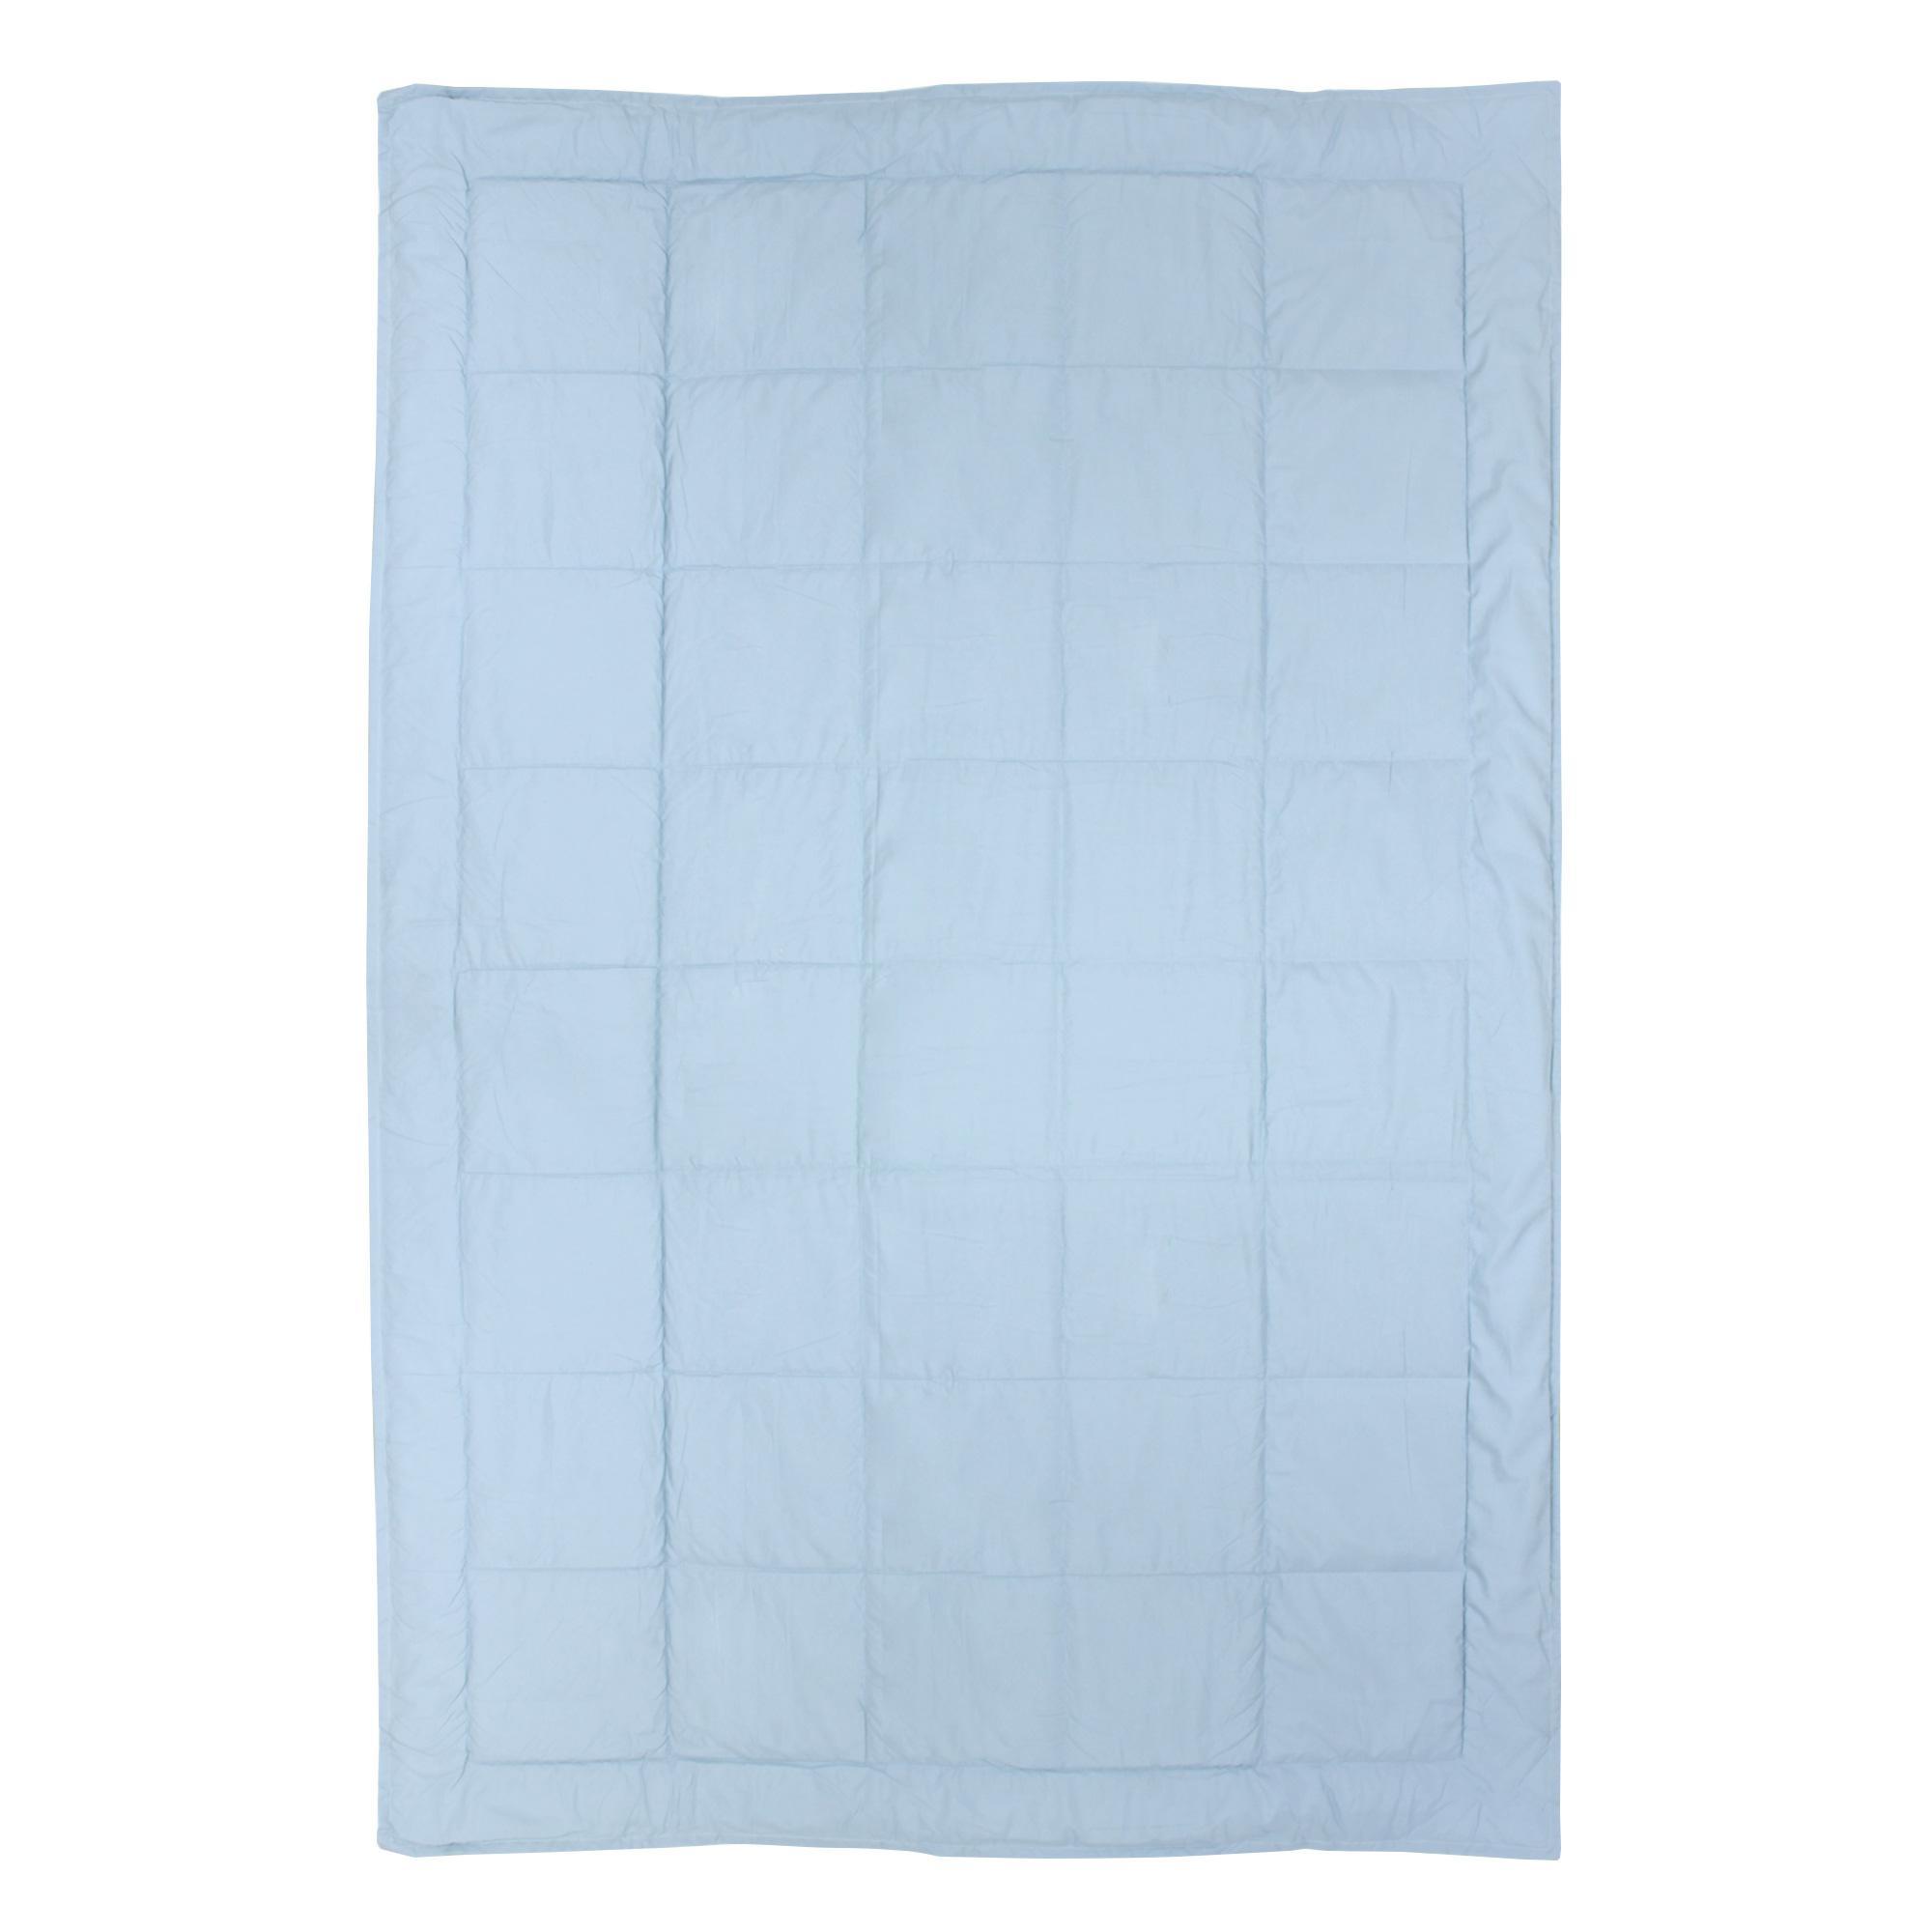 dessus de lit bicolore frisbee 160x240 cm bleu glacier pistache linnea linge de maison et. Black Bedroom Furniture Sets. Home Design Ideas